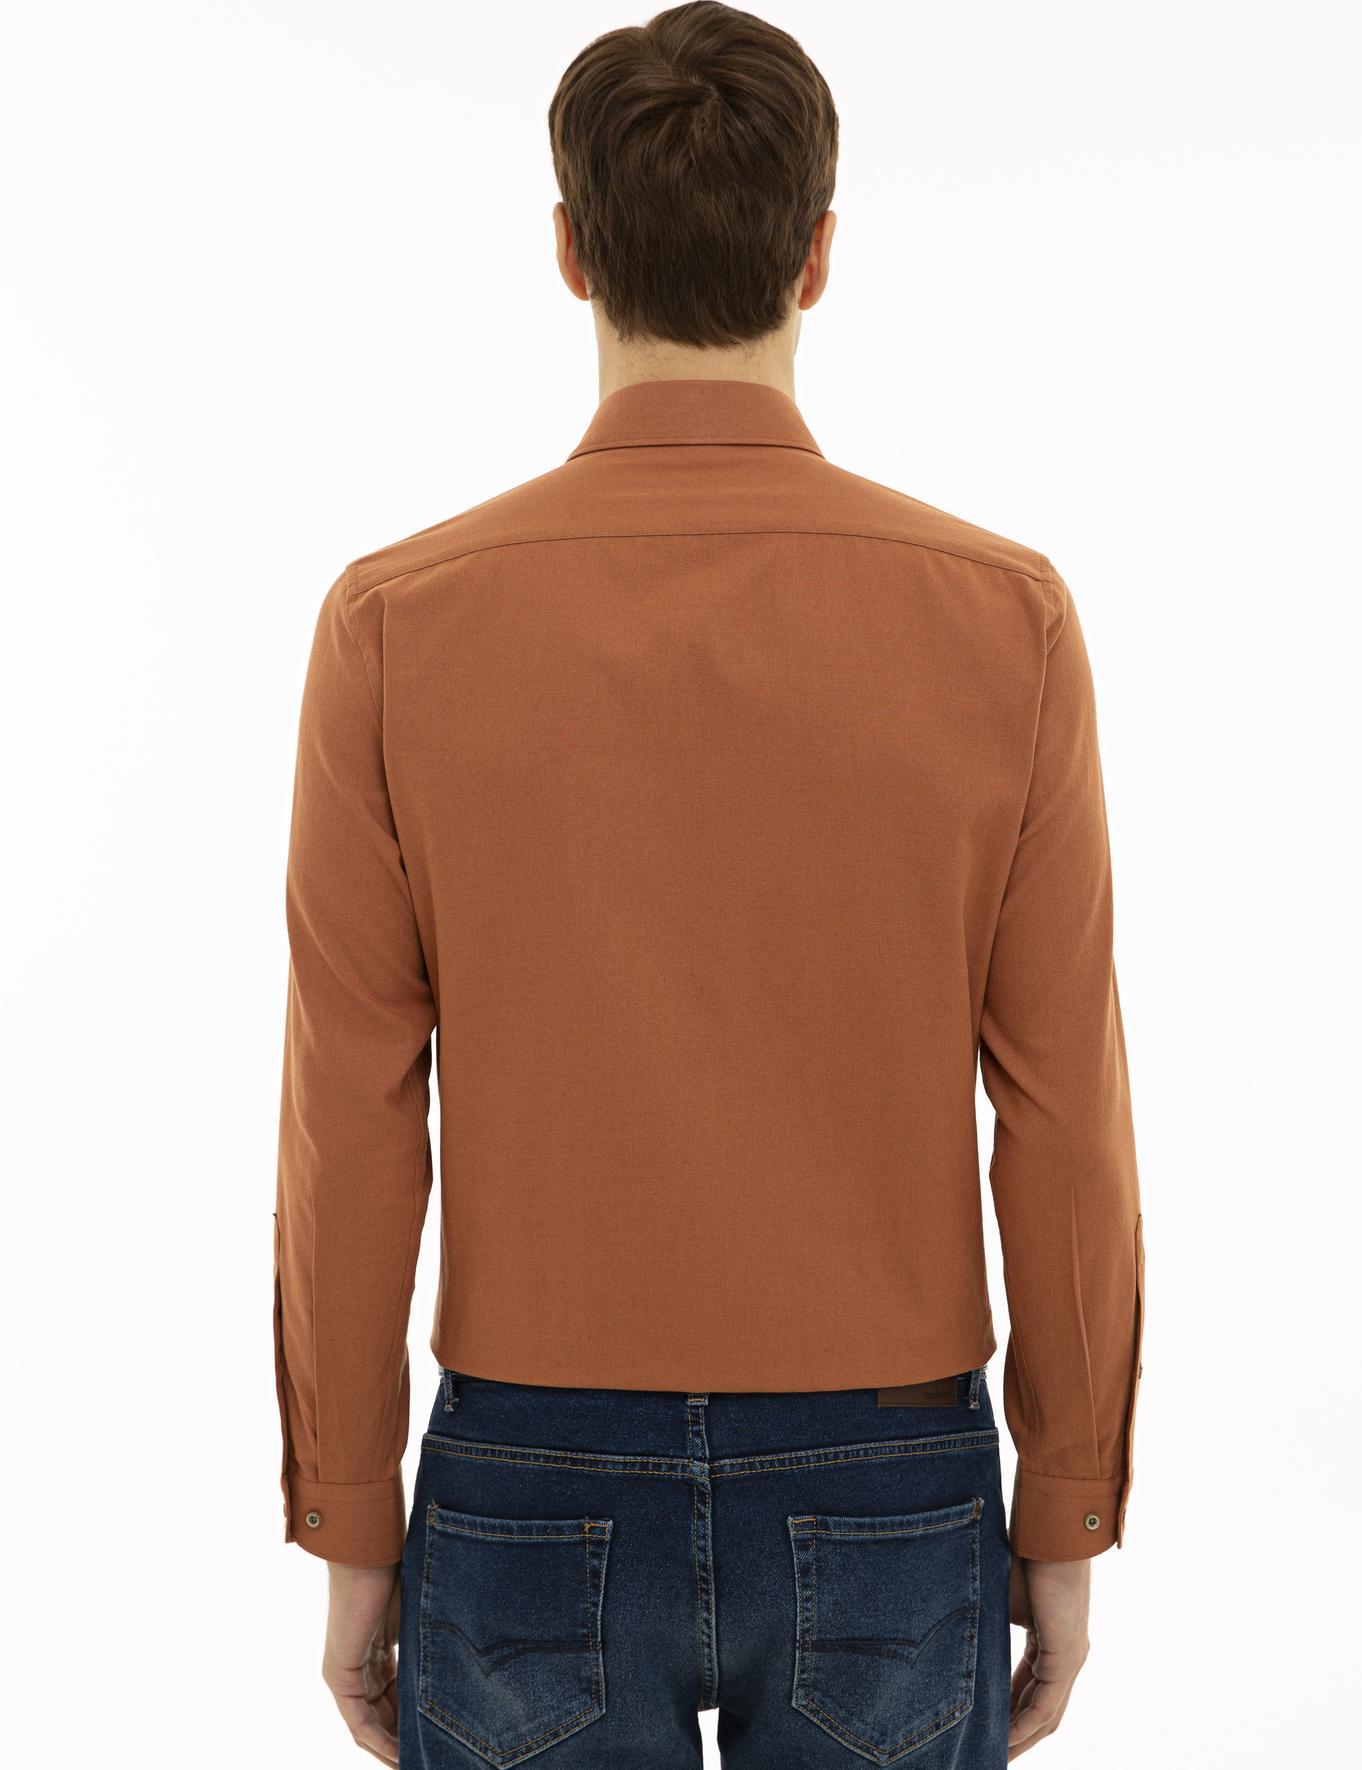 Bej Slim Fit Gömlek - 50227042161